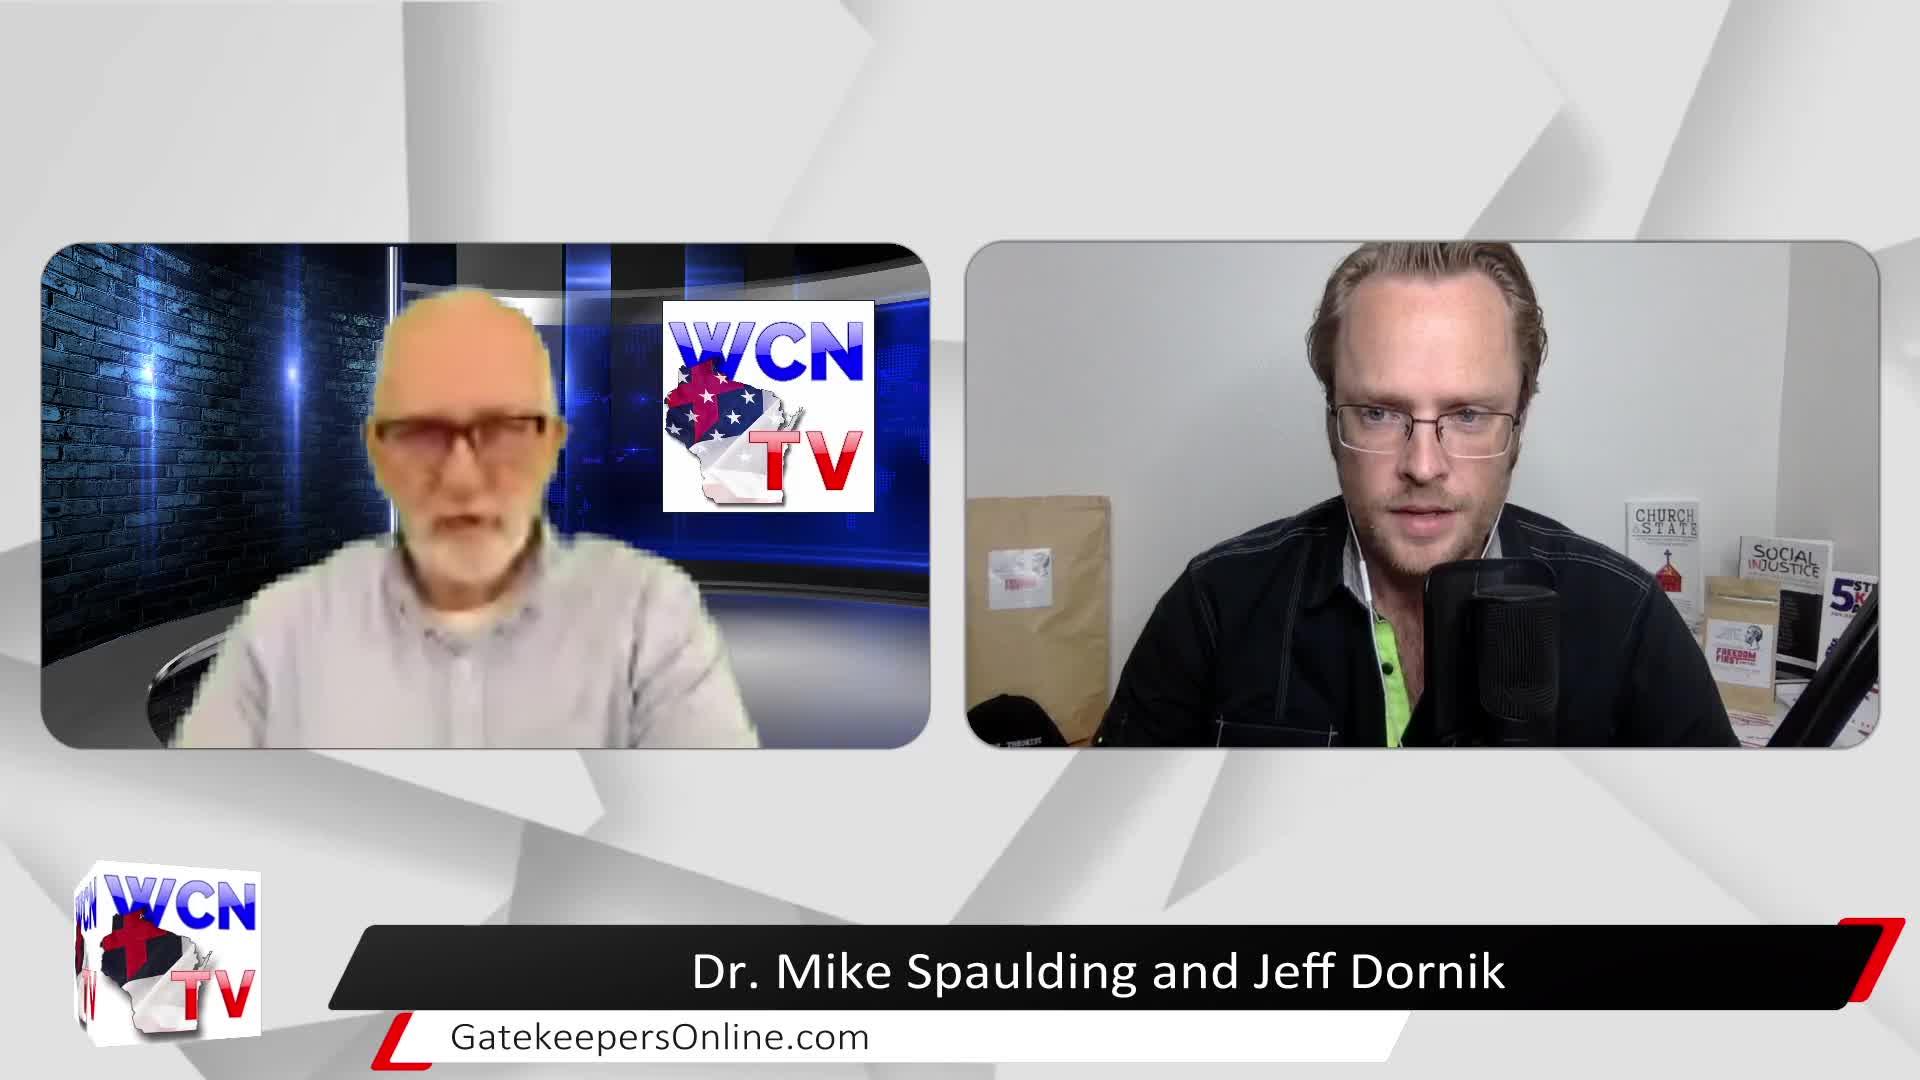 WCN-TV | September 22nd, 2021 | Dr. Mike Spaulding and Jeff Dornik